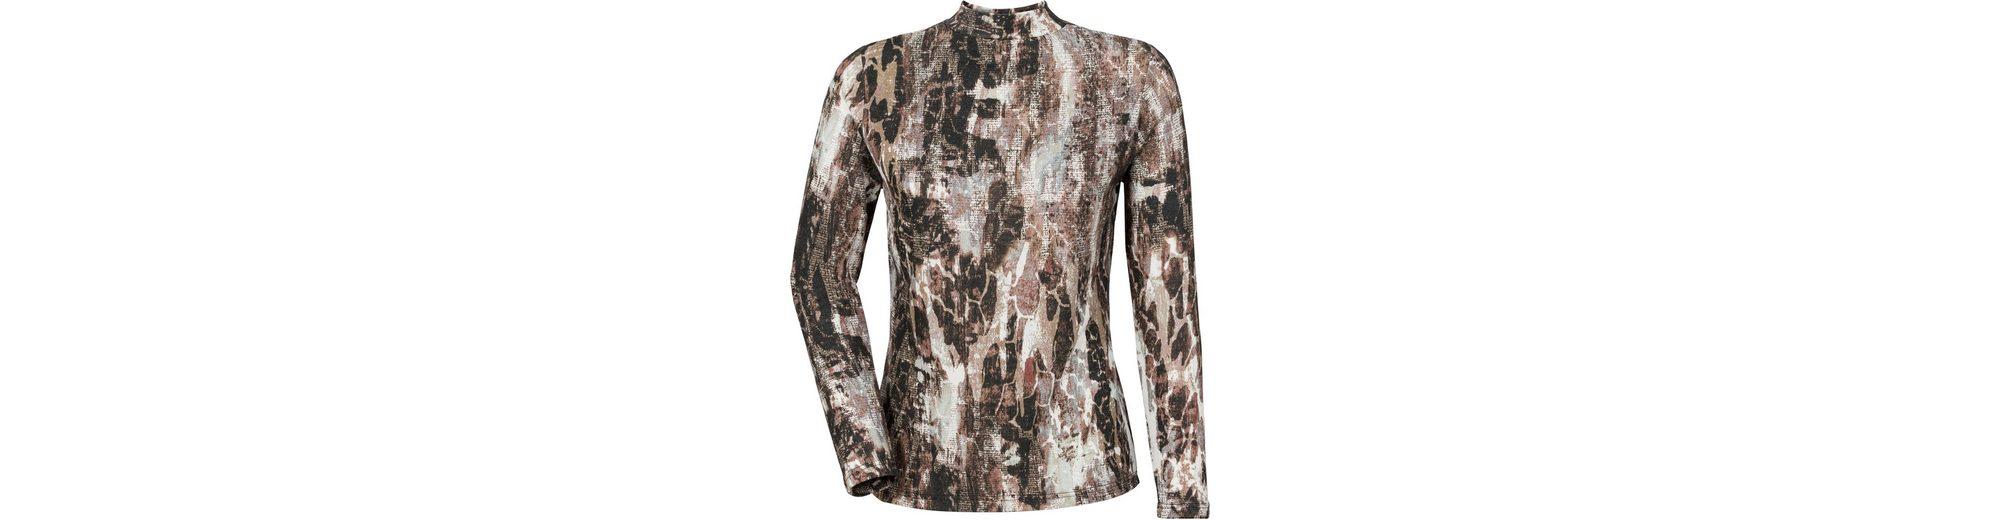 Classic Winter-Shirt in besonders schön fallender Qualität Verkauf Sammlungen 9FafvT